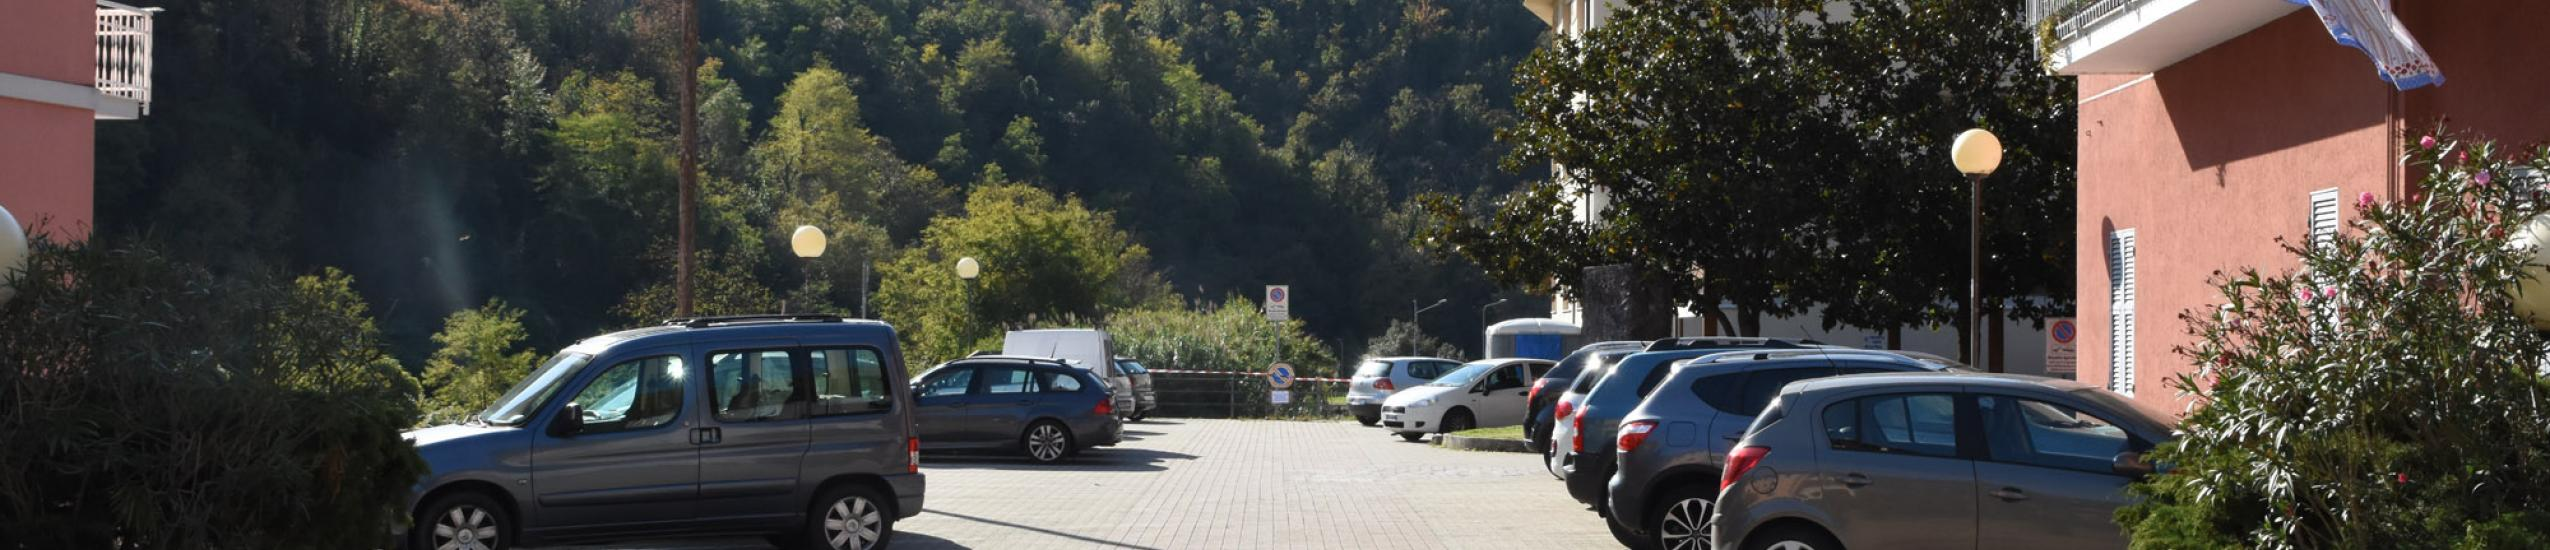 Parcheggio pubblico Comune di Ne